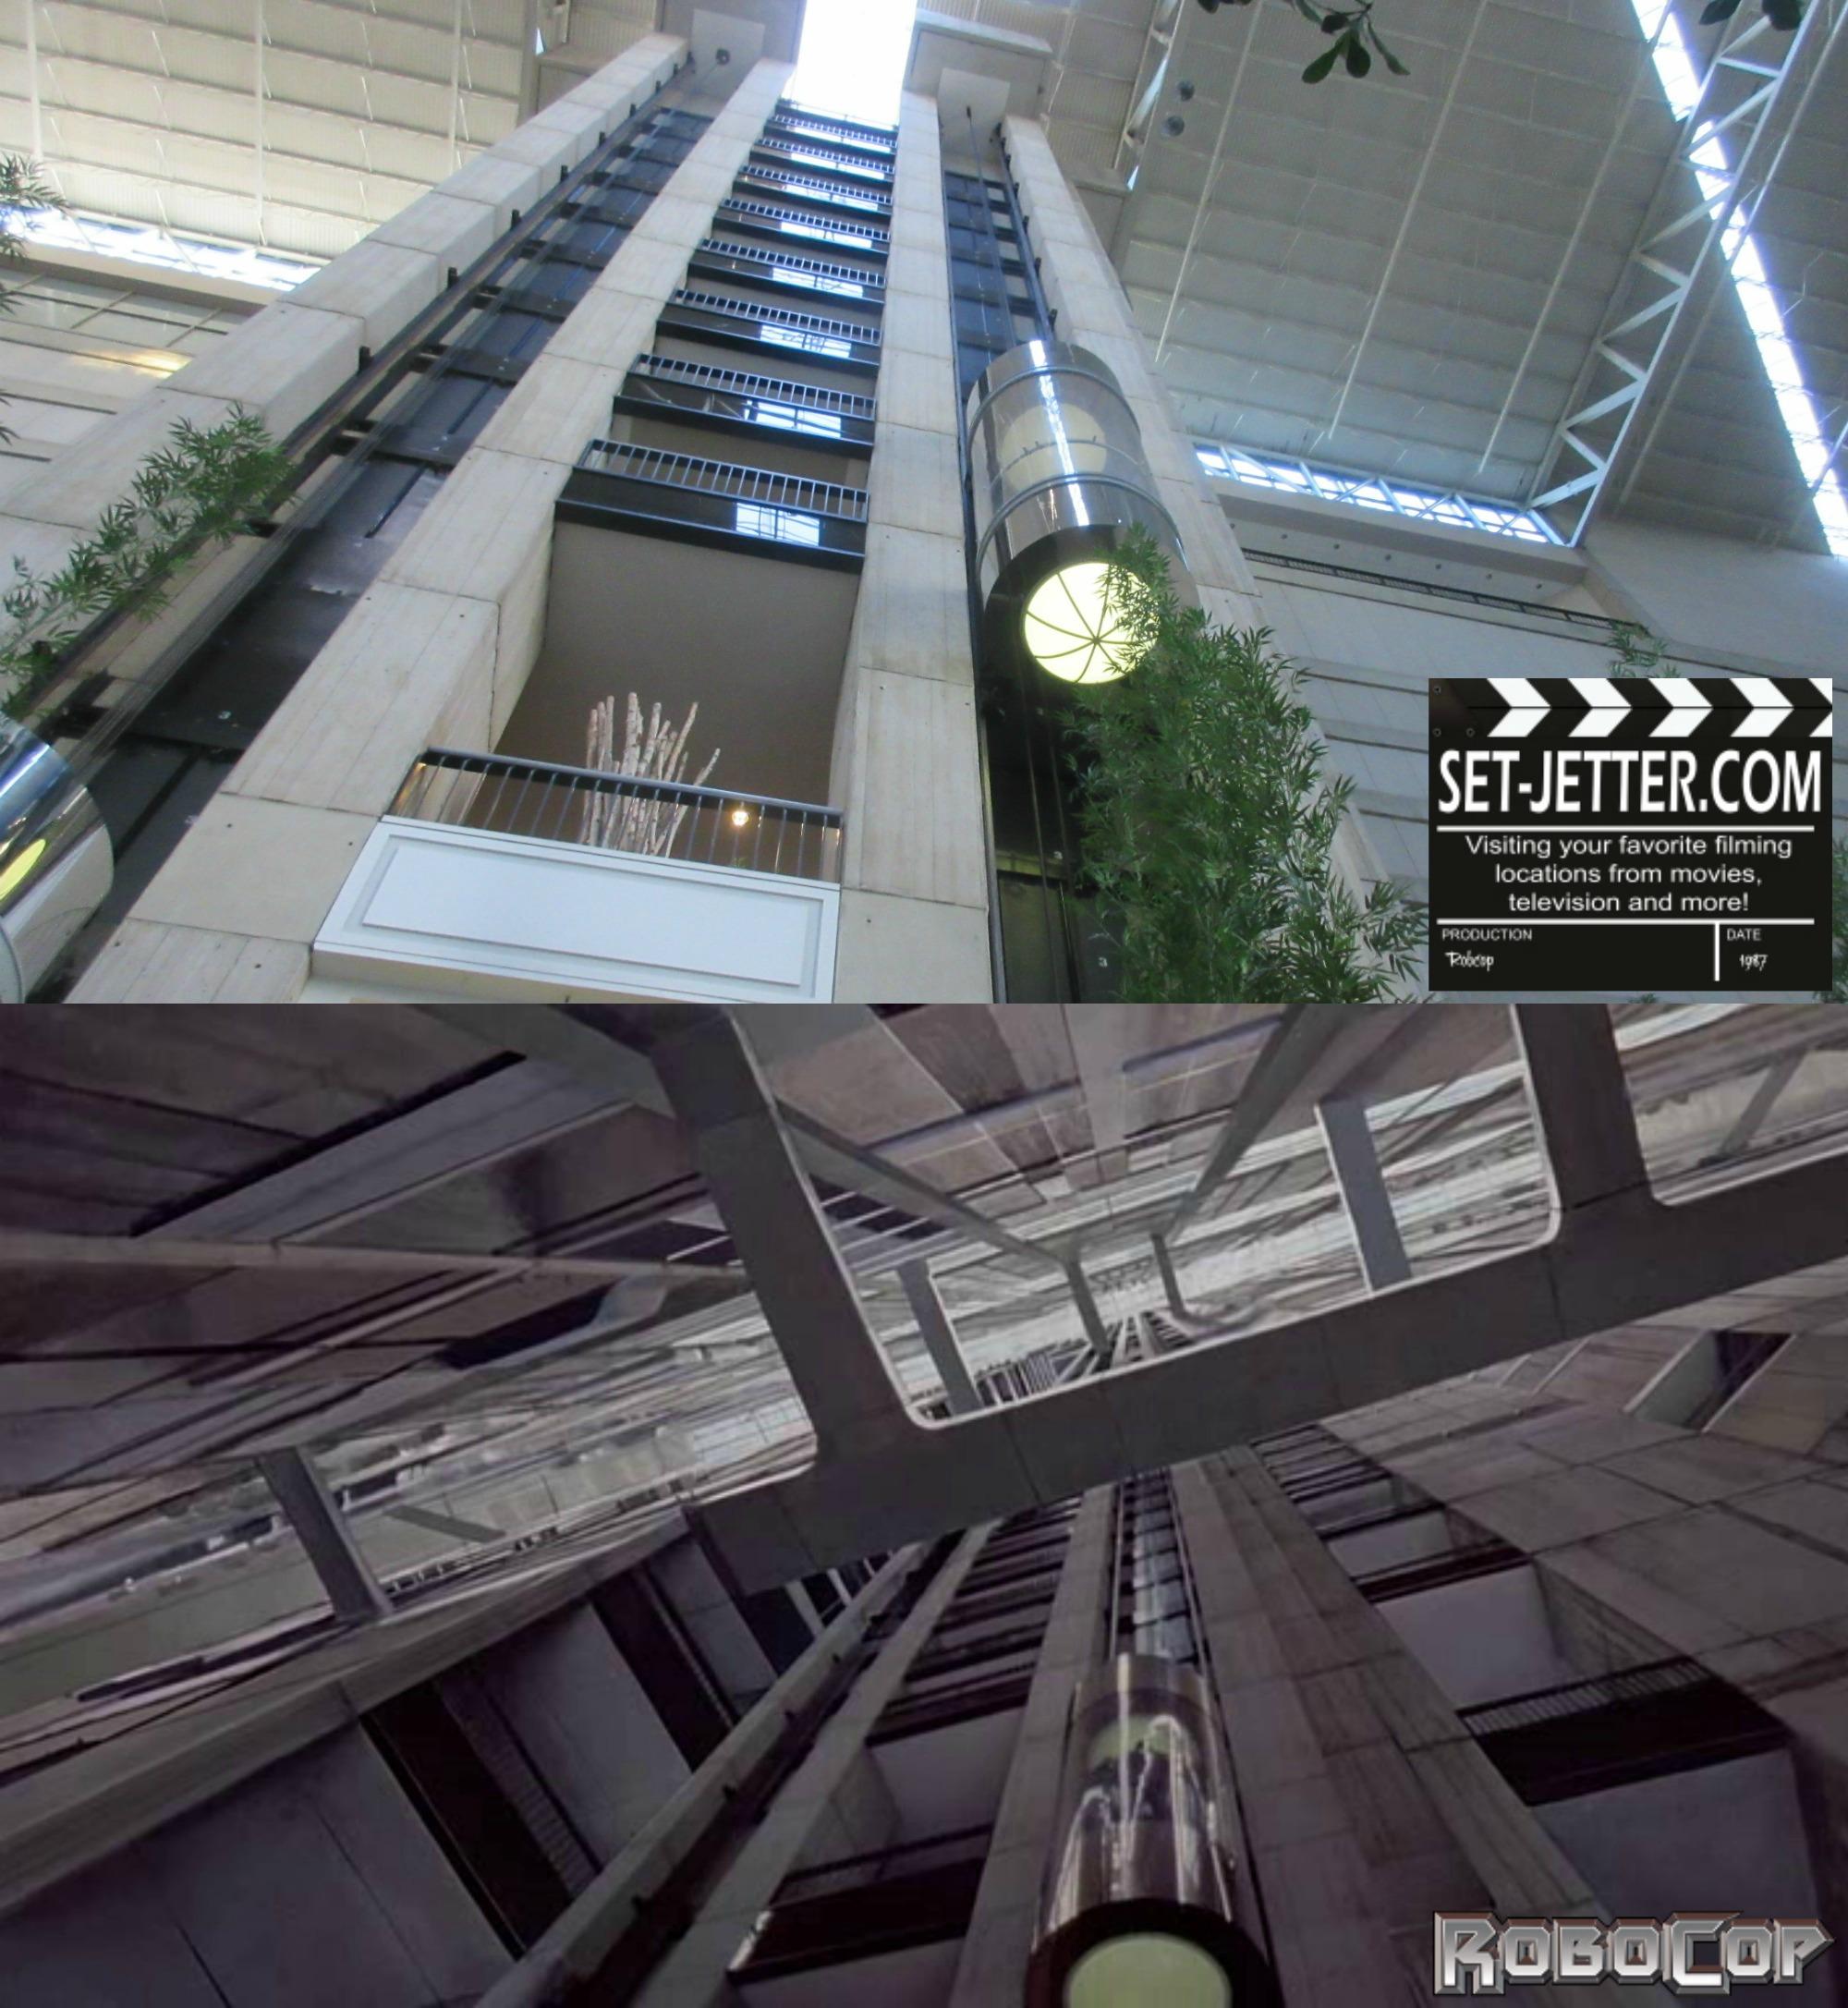 Robocop comparison 27.jpg